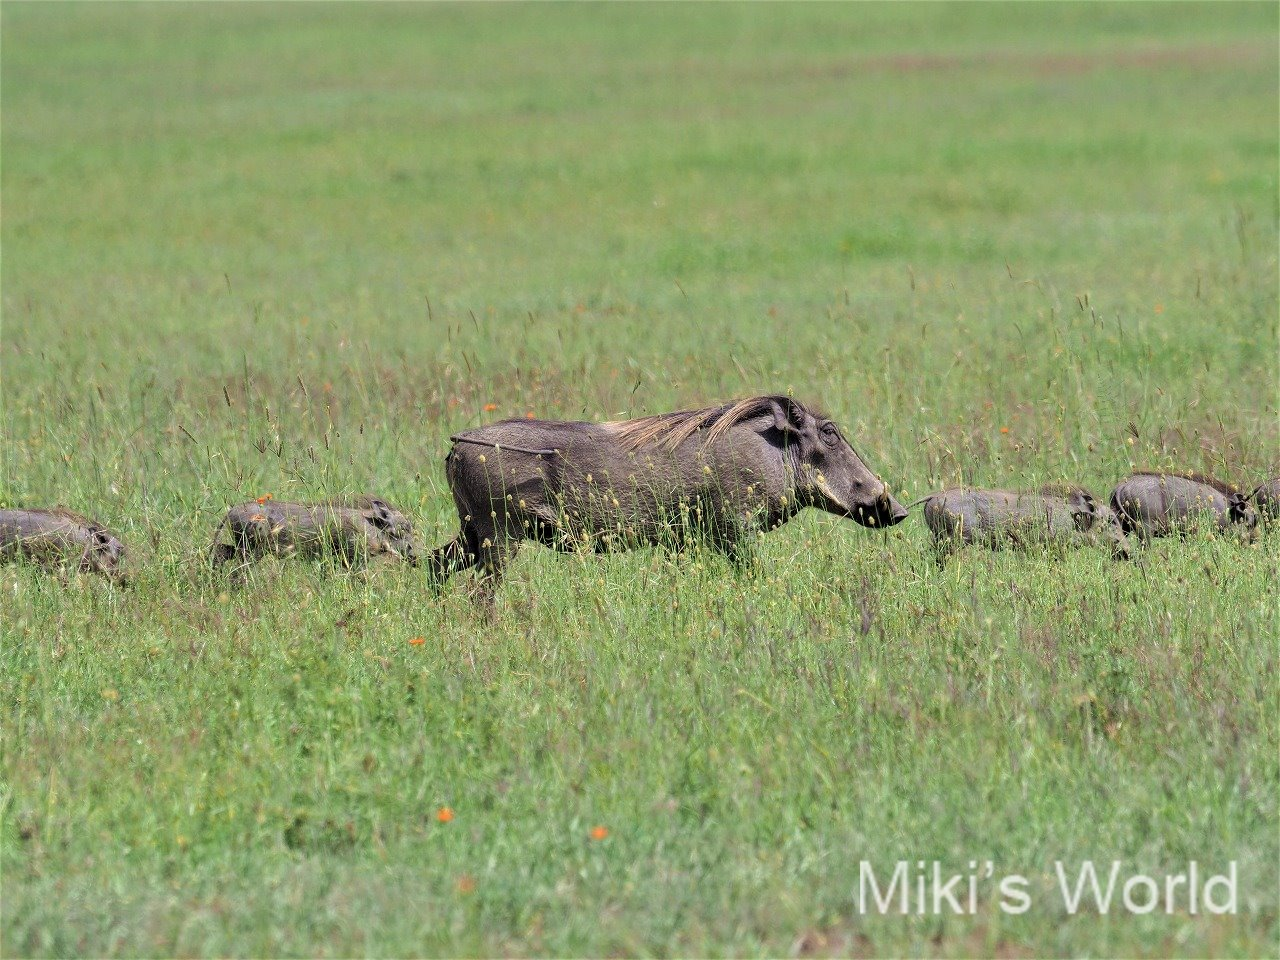 2019年亥年 平成最後のお正月 イボイノシシの親子 in タンザニア・セレンゲティ国立公園